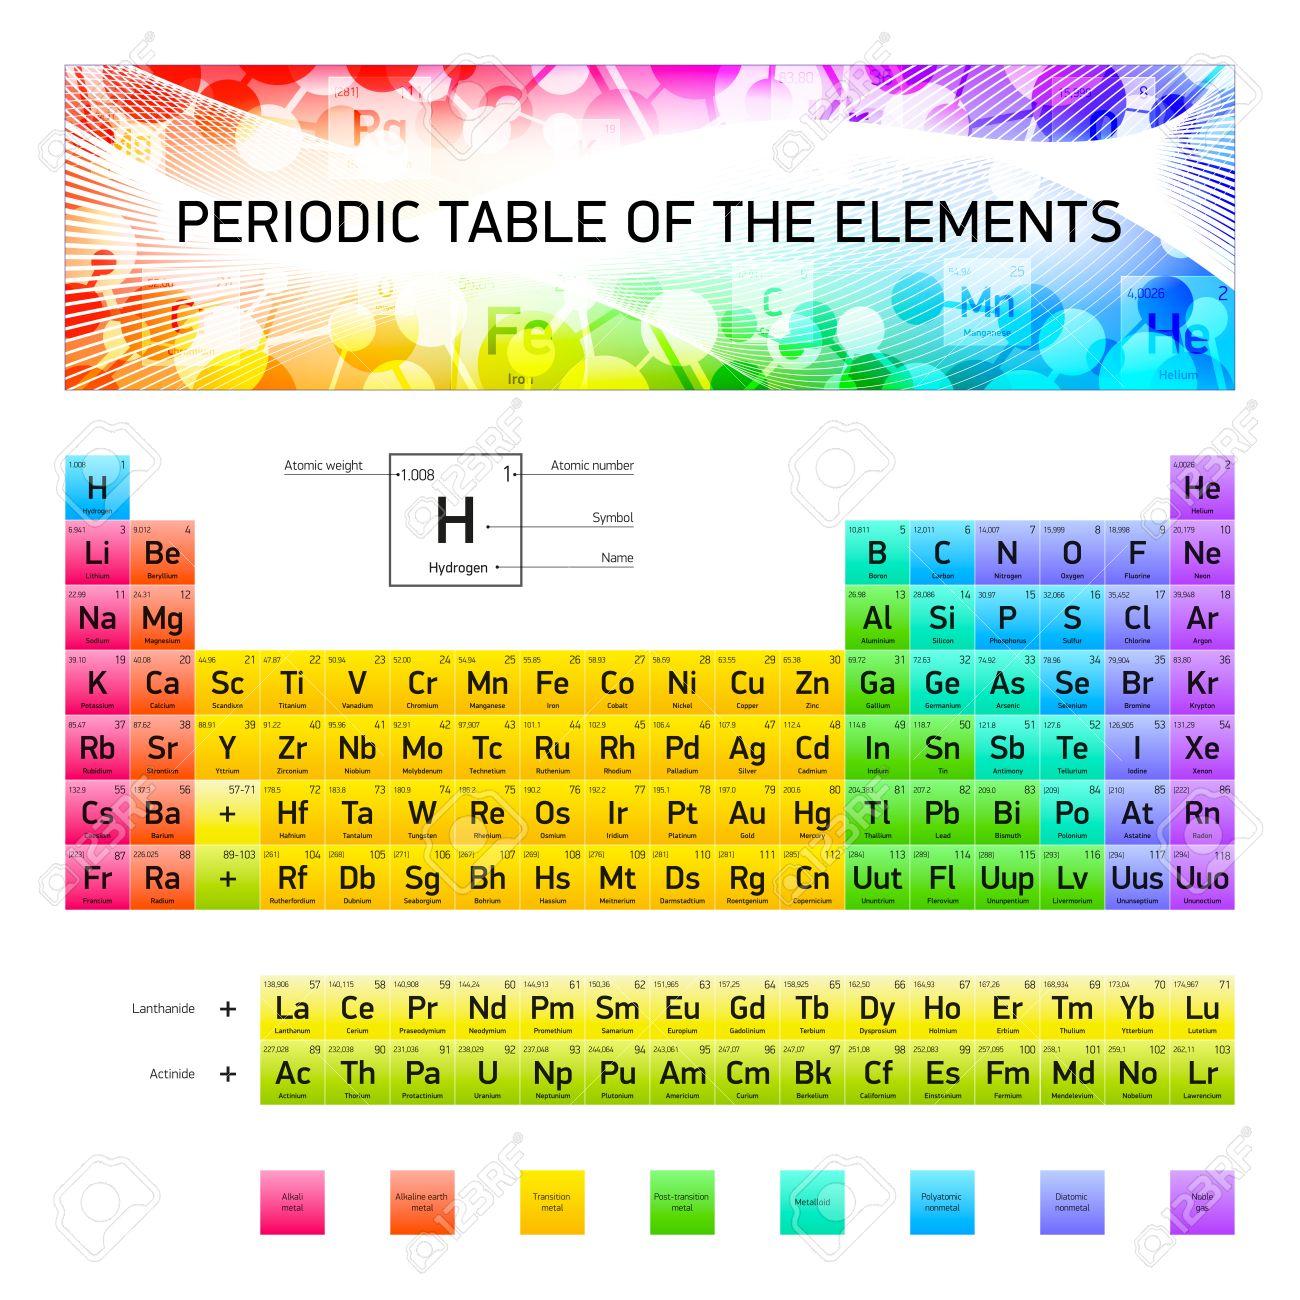 Tabla peridica de los elementos qumicos diseo del vector foto de archivo tabla peridica de los elementos qumicos diseo del vector versin extendida los colores rgb fondo blanco urtaz Gallery